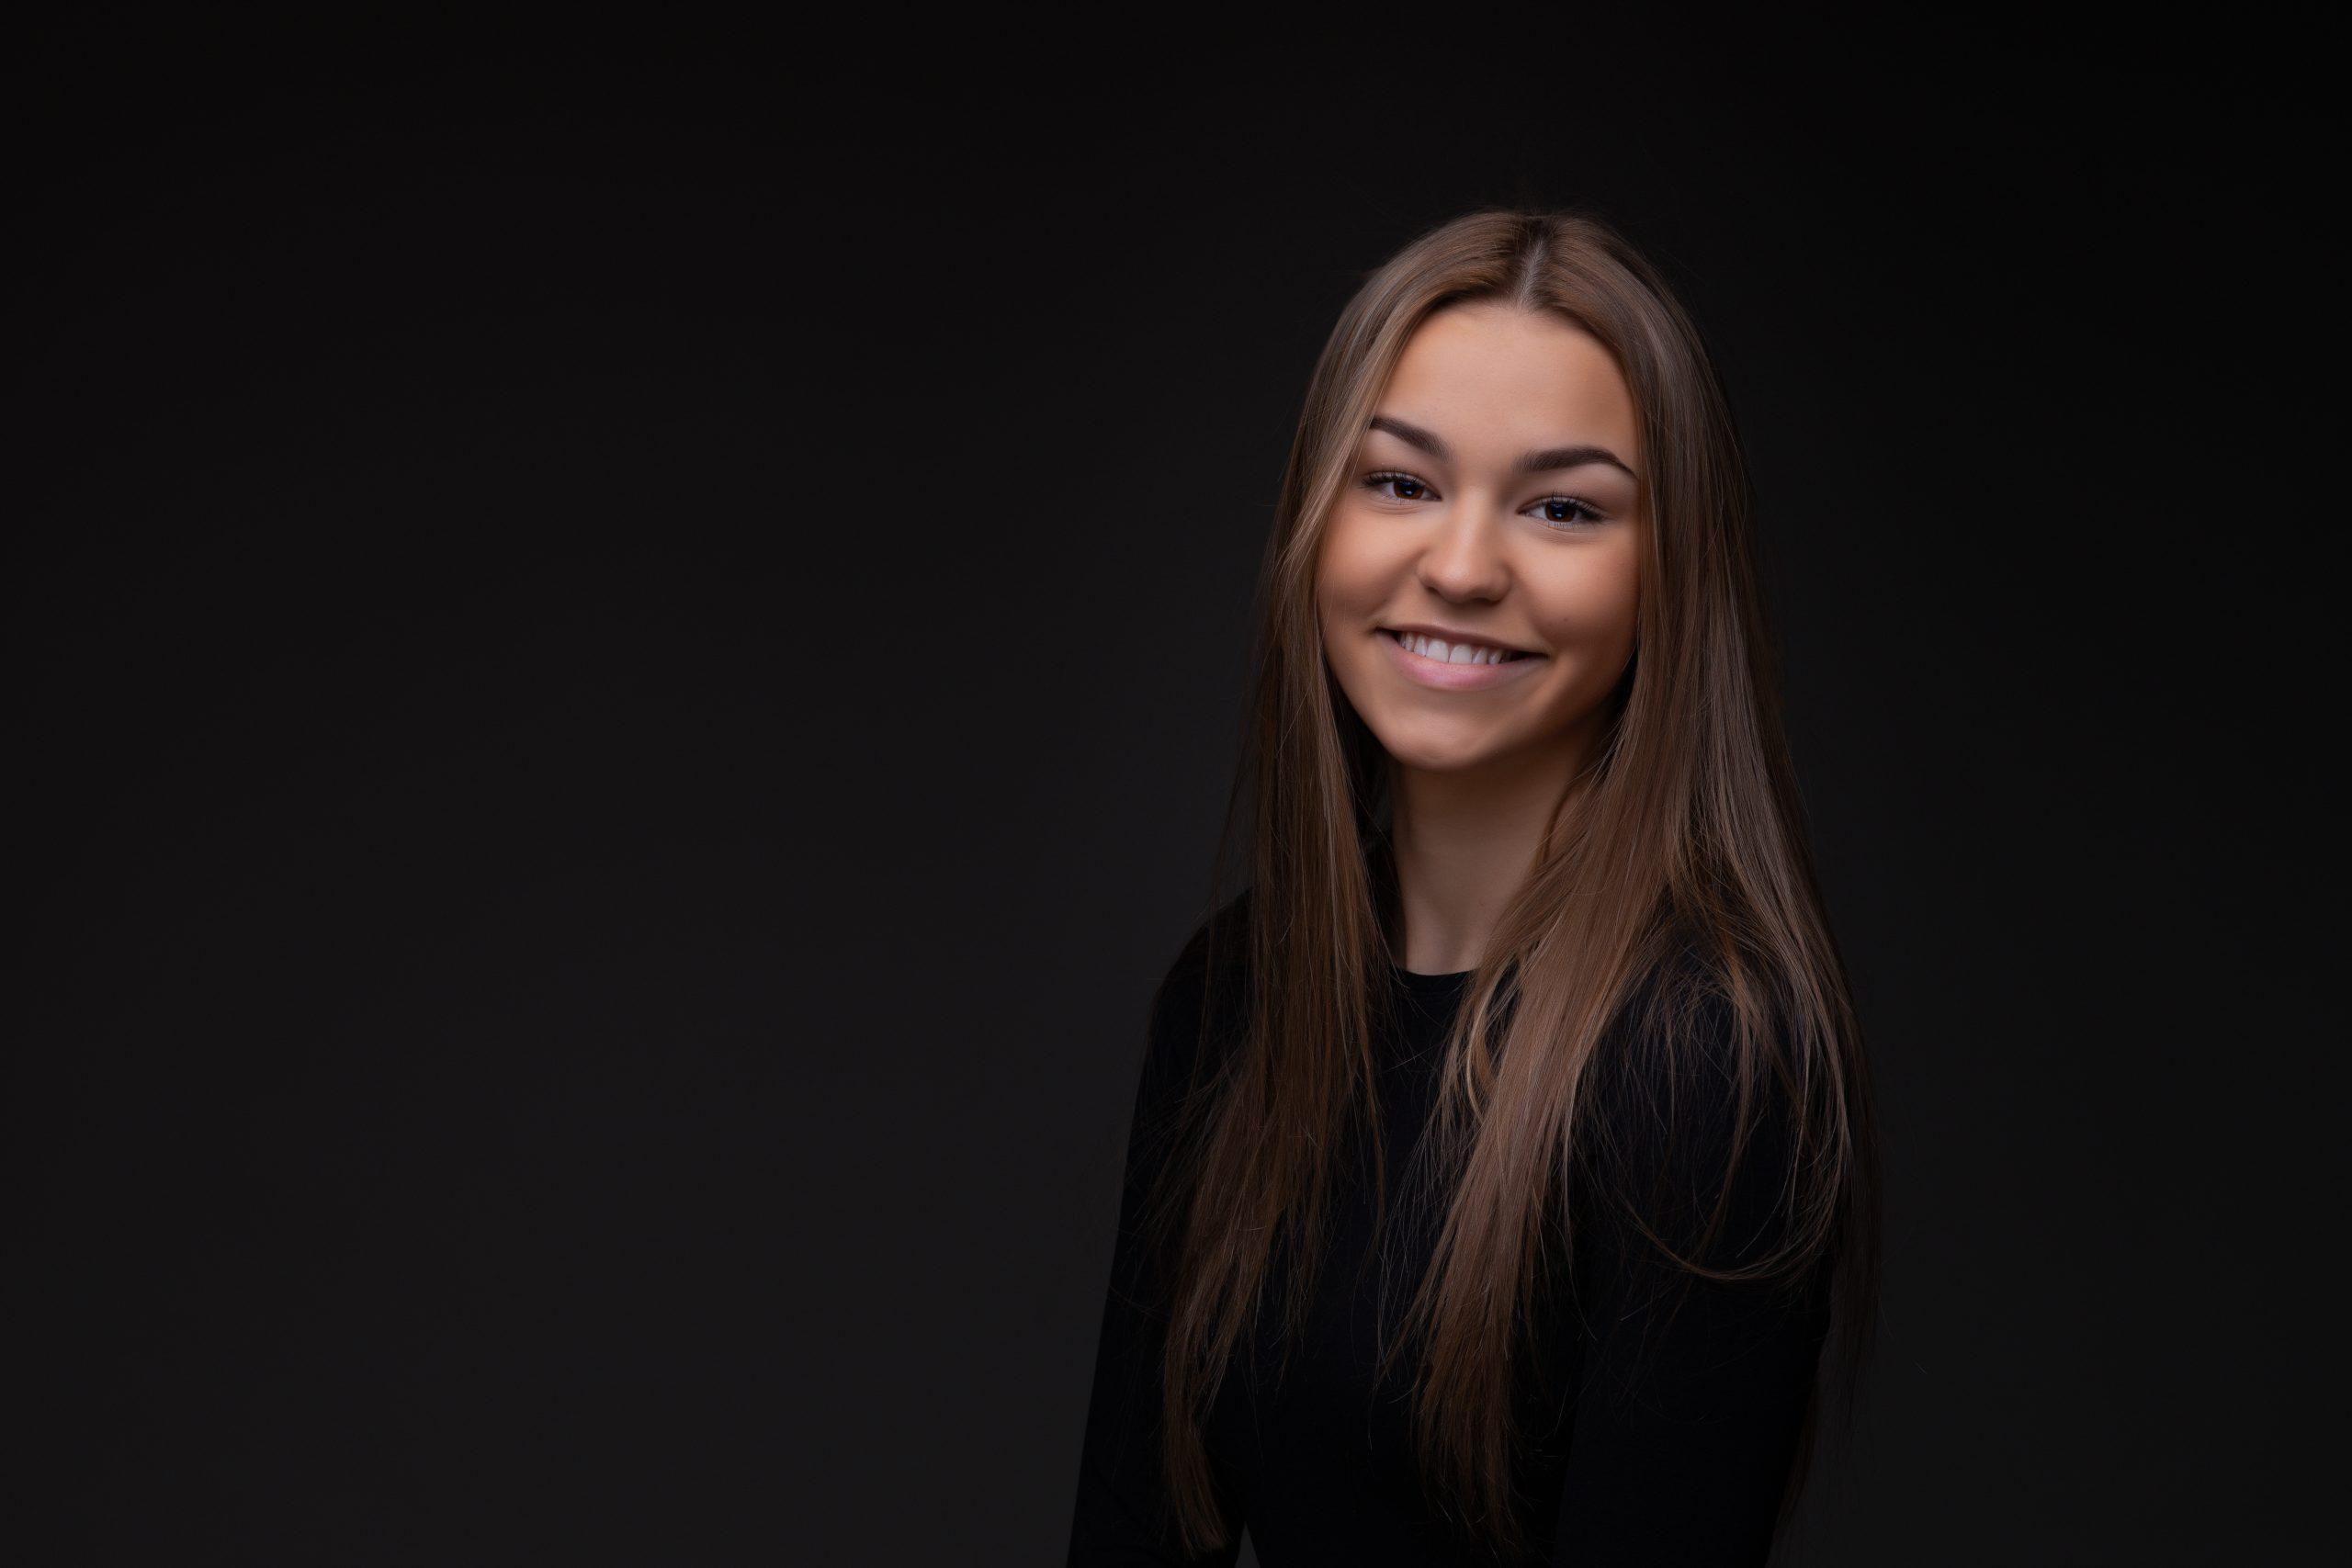 Smiling girl in studio Portrait